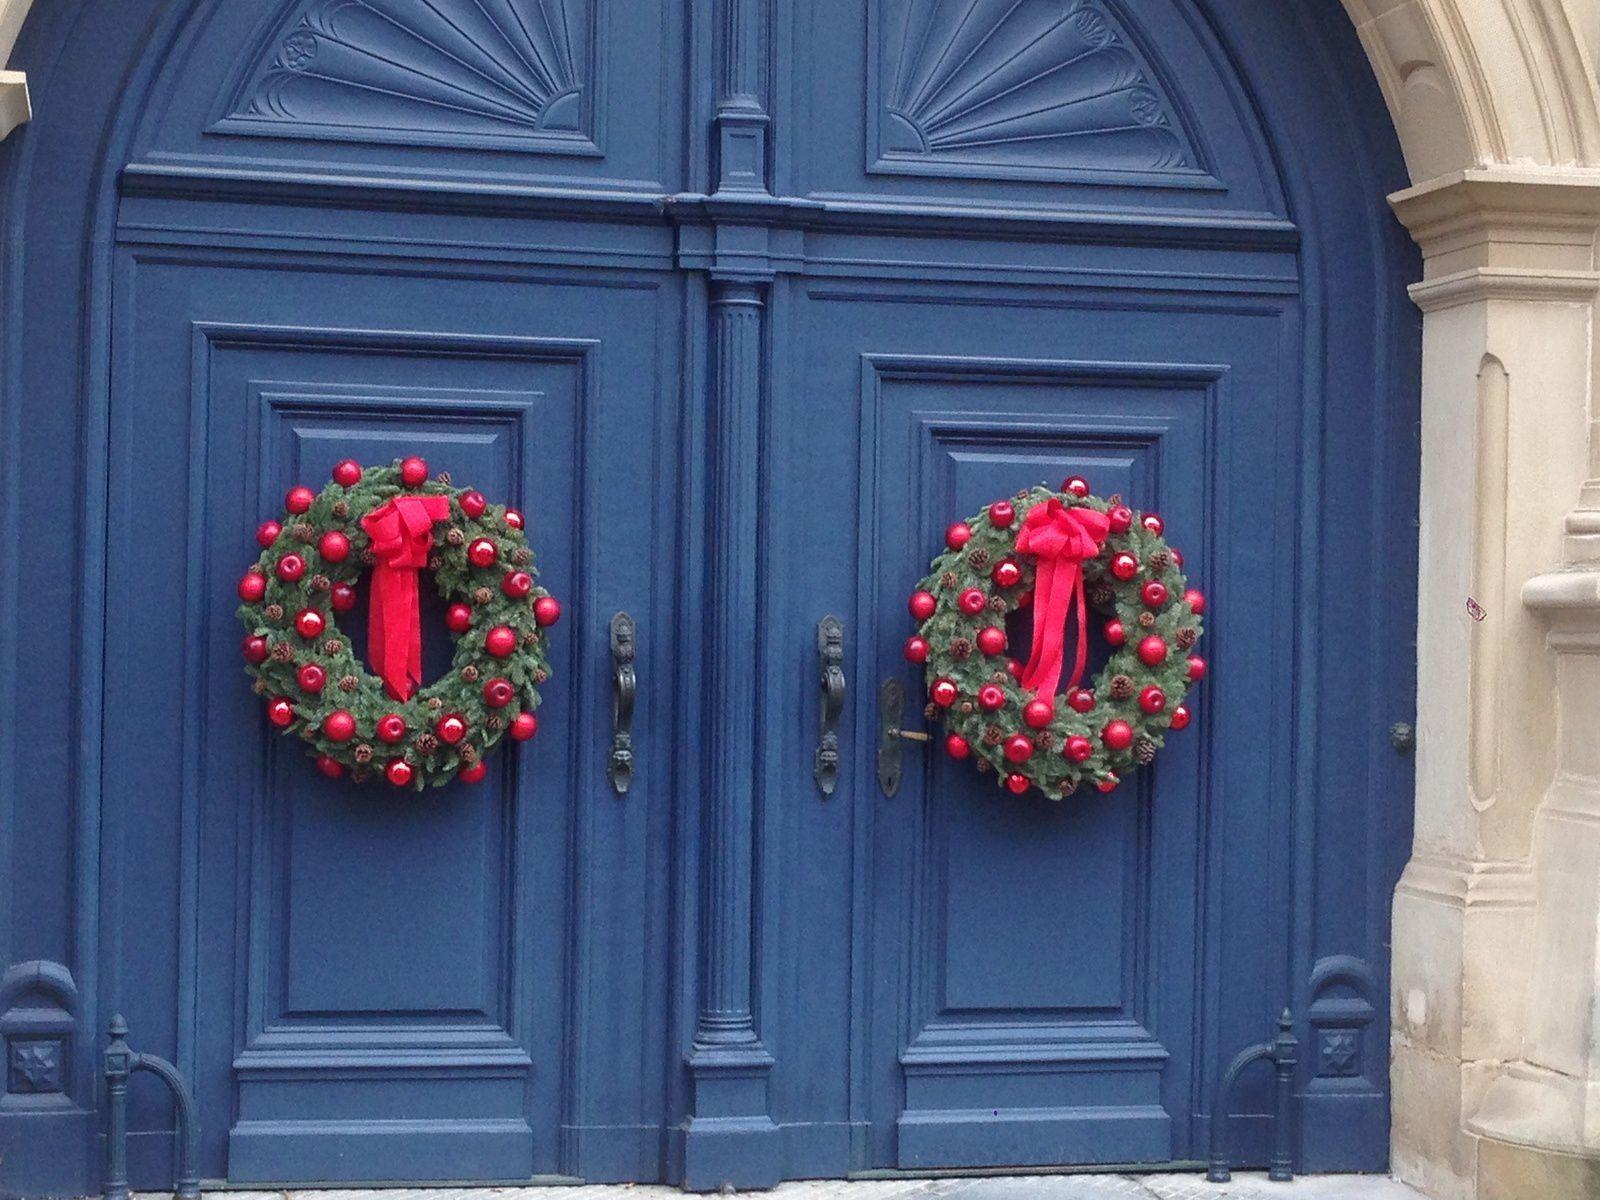 Couronnes de Noël - Palais Grand Ducal de Luxembourg